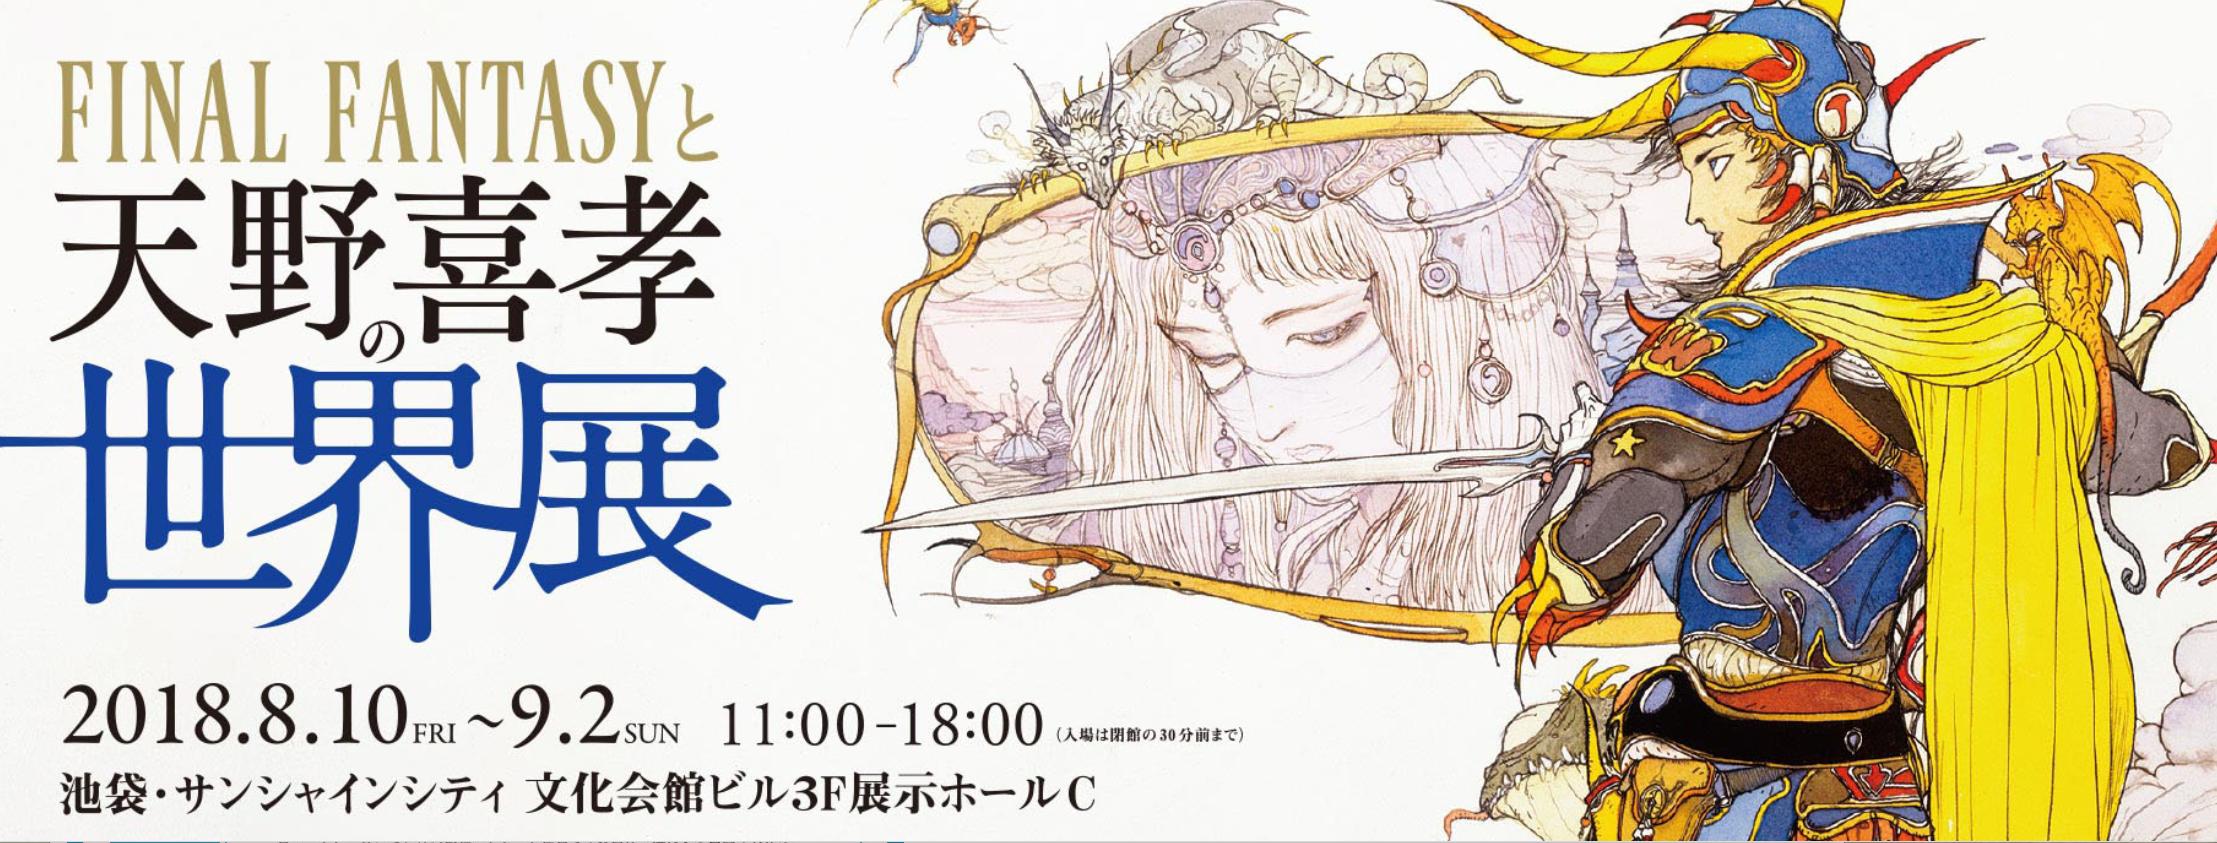 【2018】FINAL FANTASYと天野喜孝の世界展@池袋